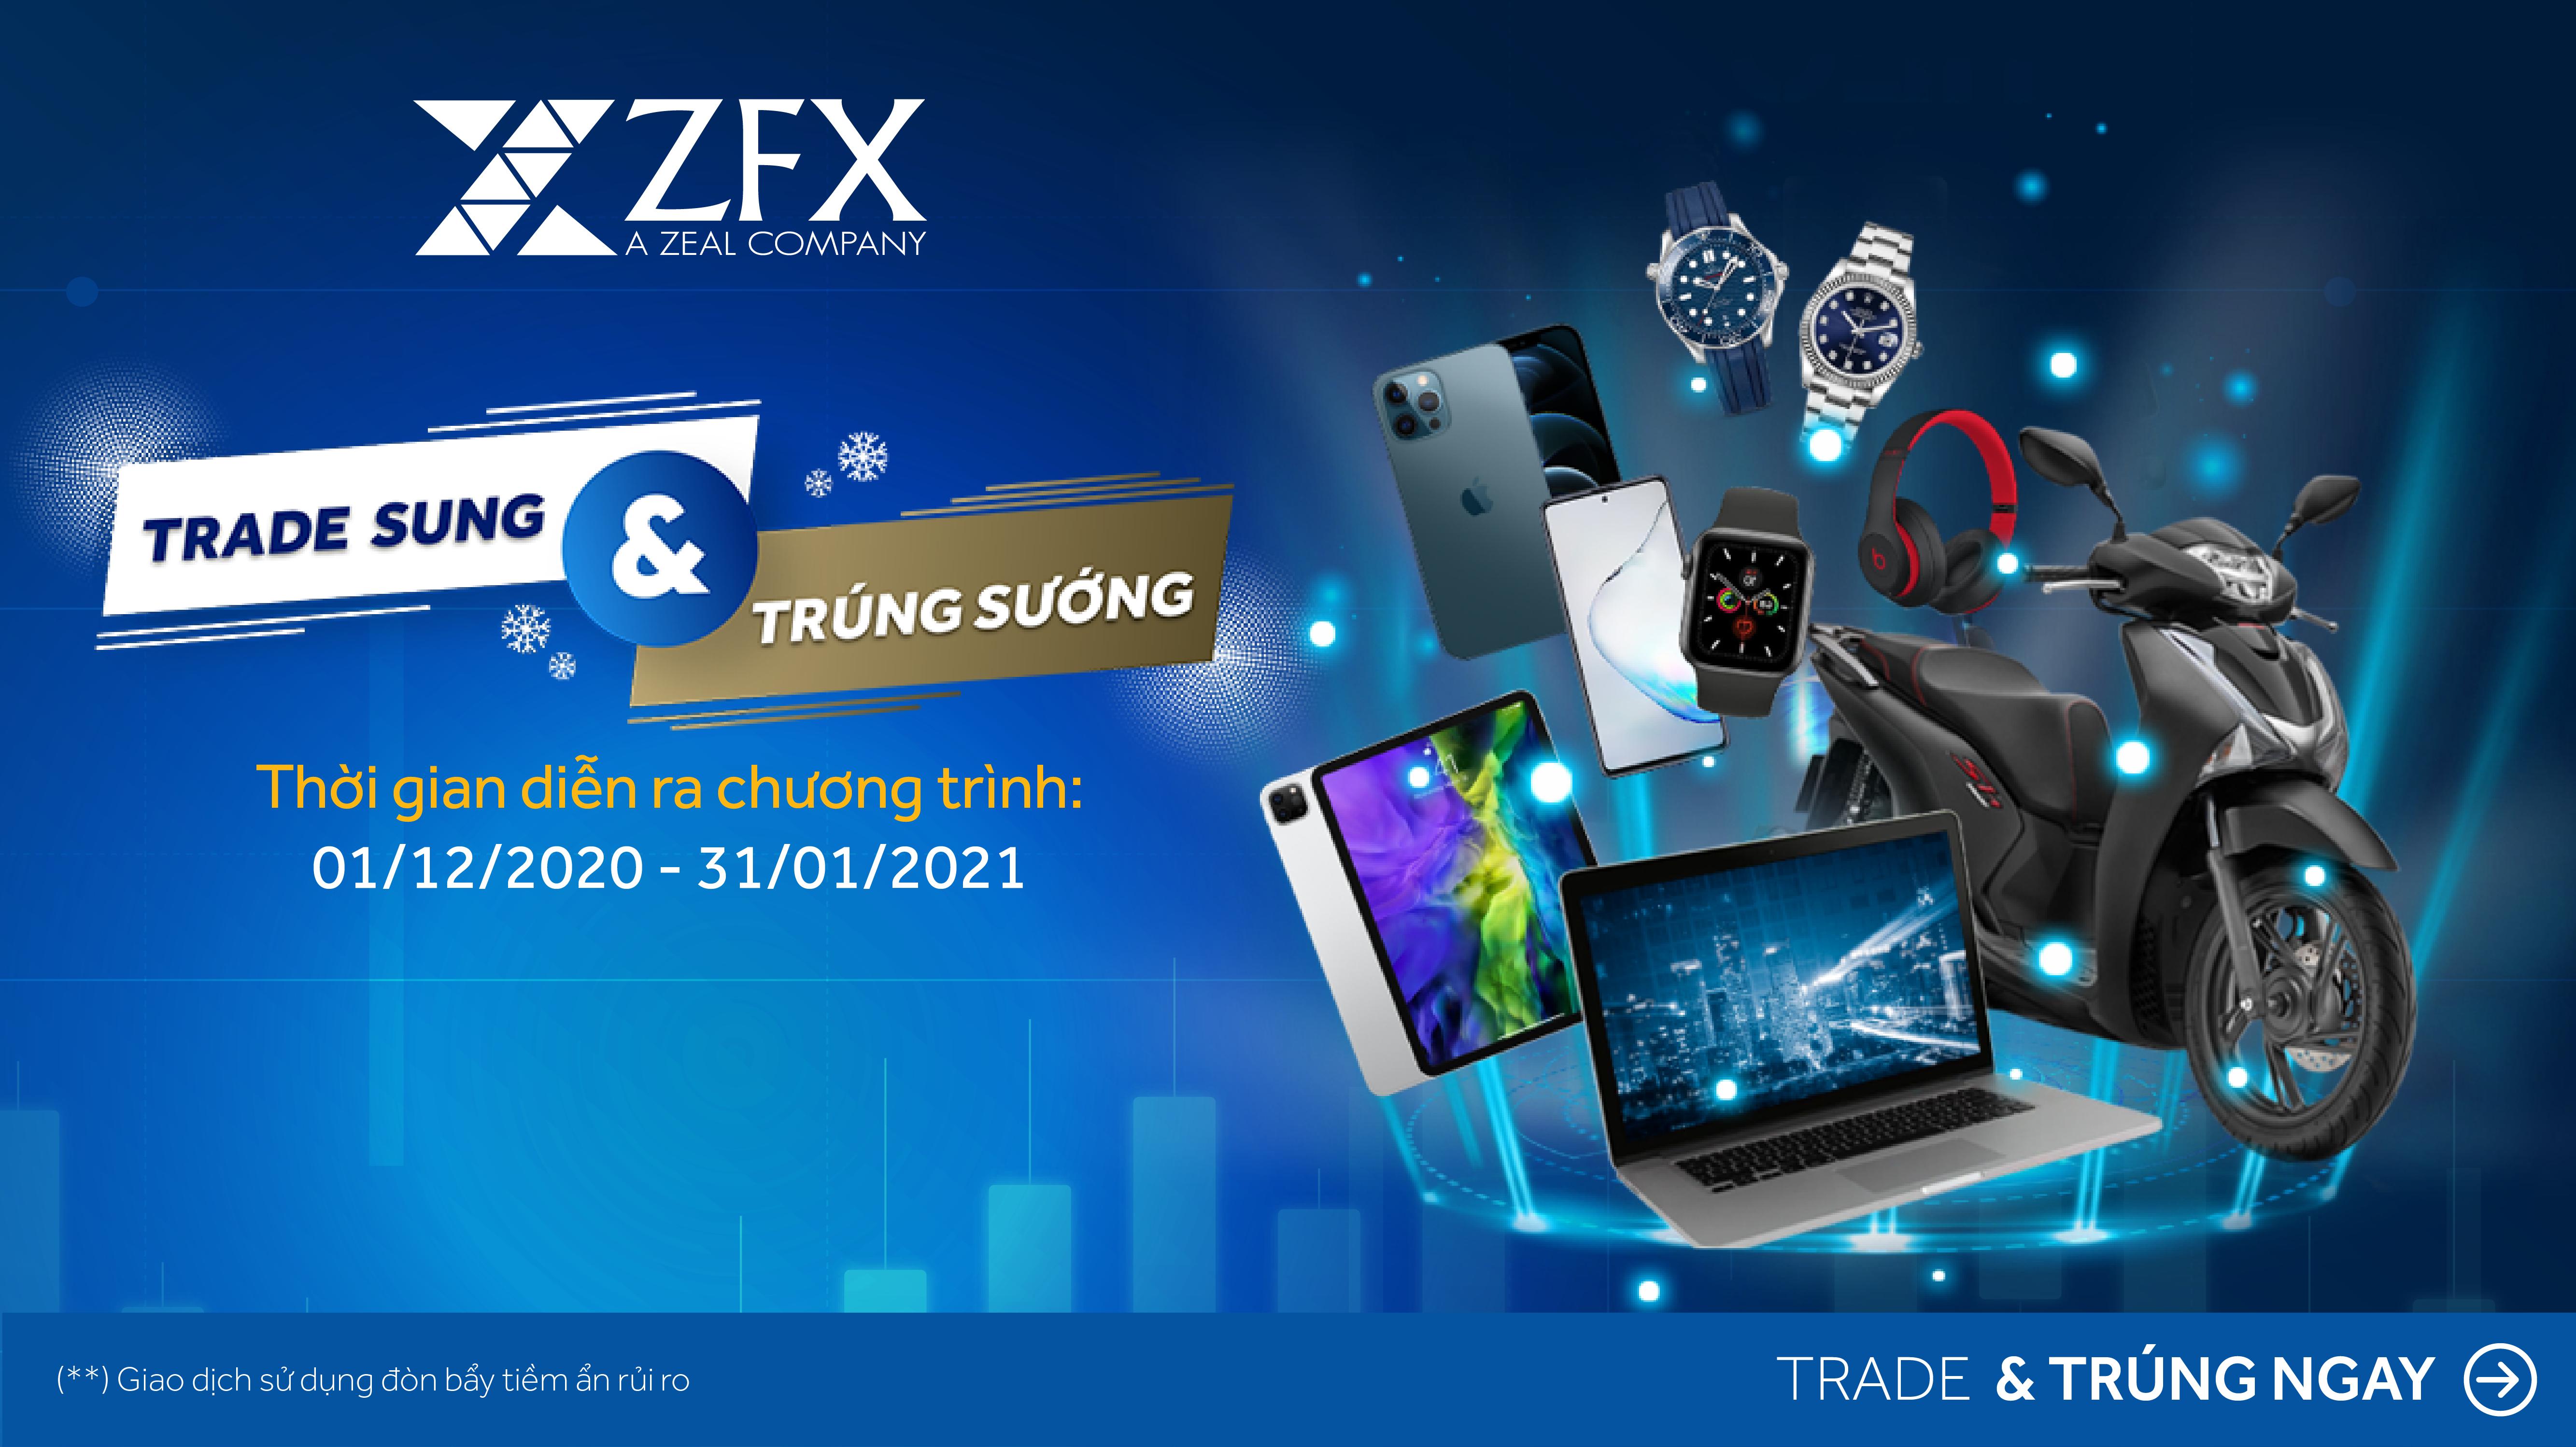 Trade càng Sung, Trúng càng Sướng với các phần quả với tổng trị giá lên đến hàng ngàn USD